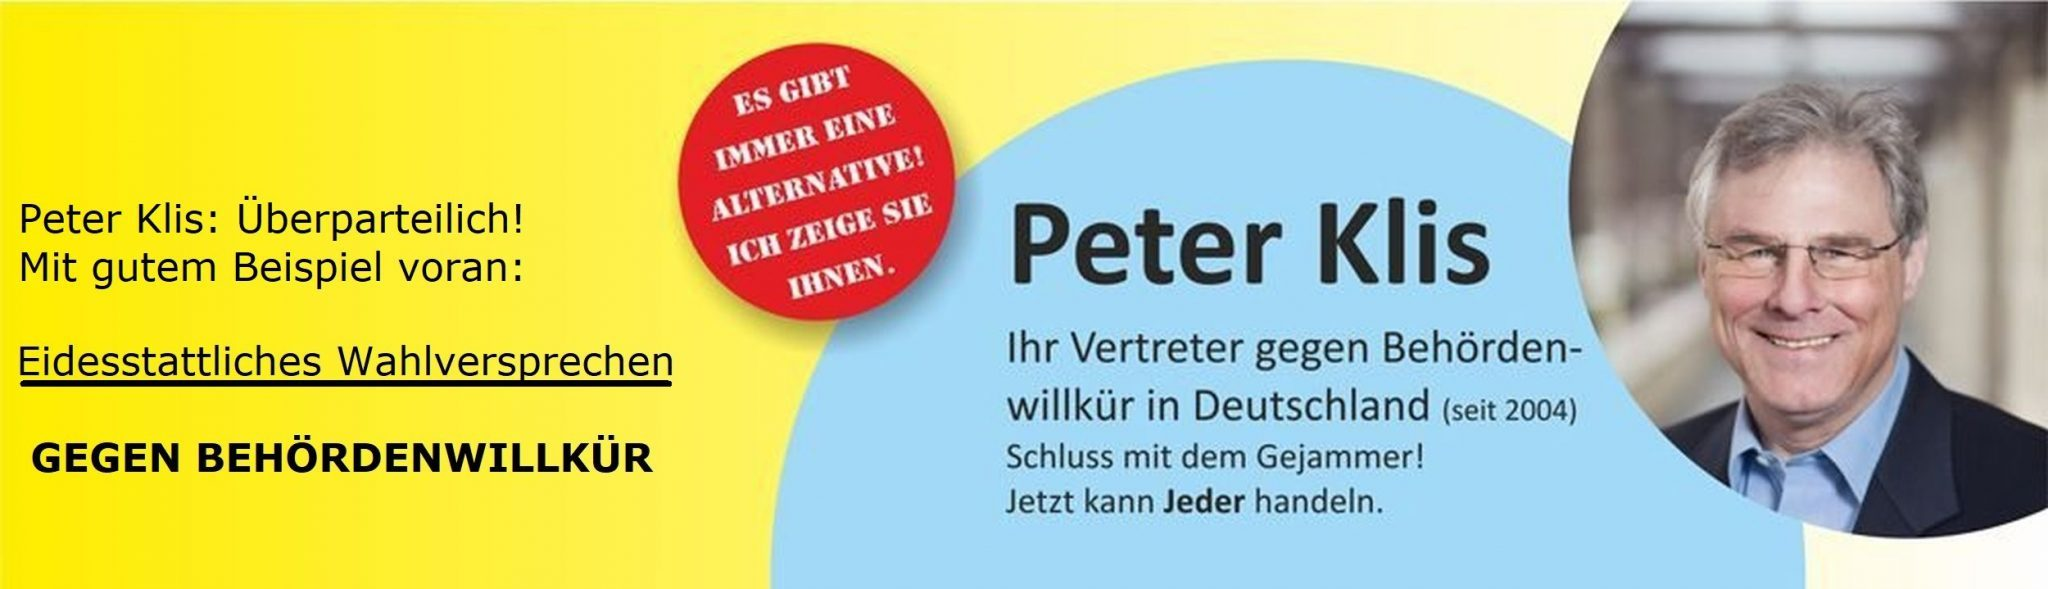 Einmalig in Deutschland: Eidesstattliches-Wahlversprechen